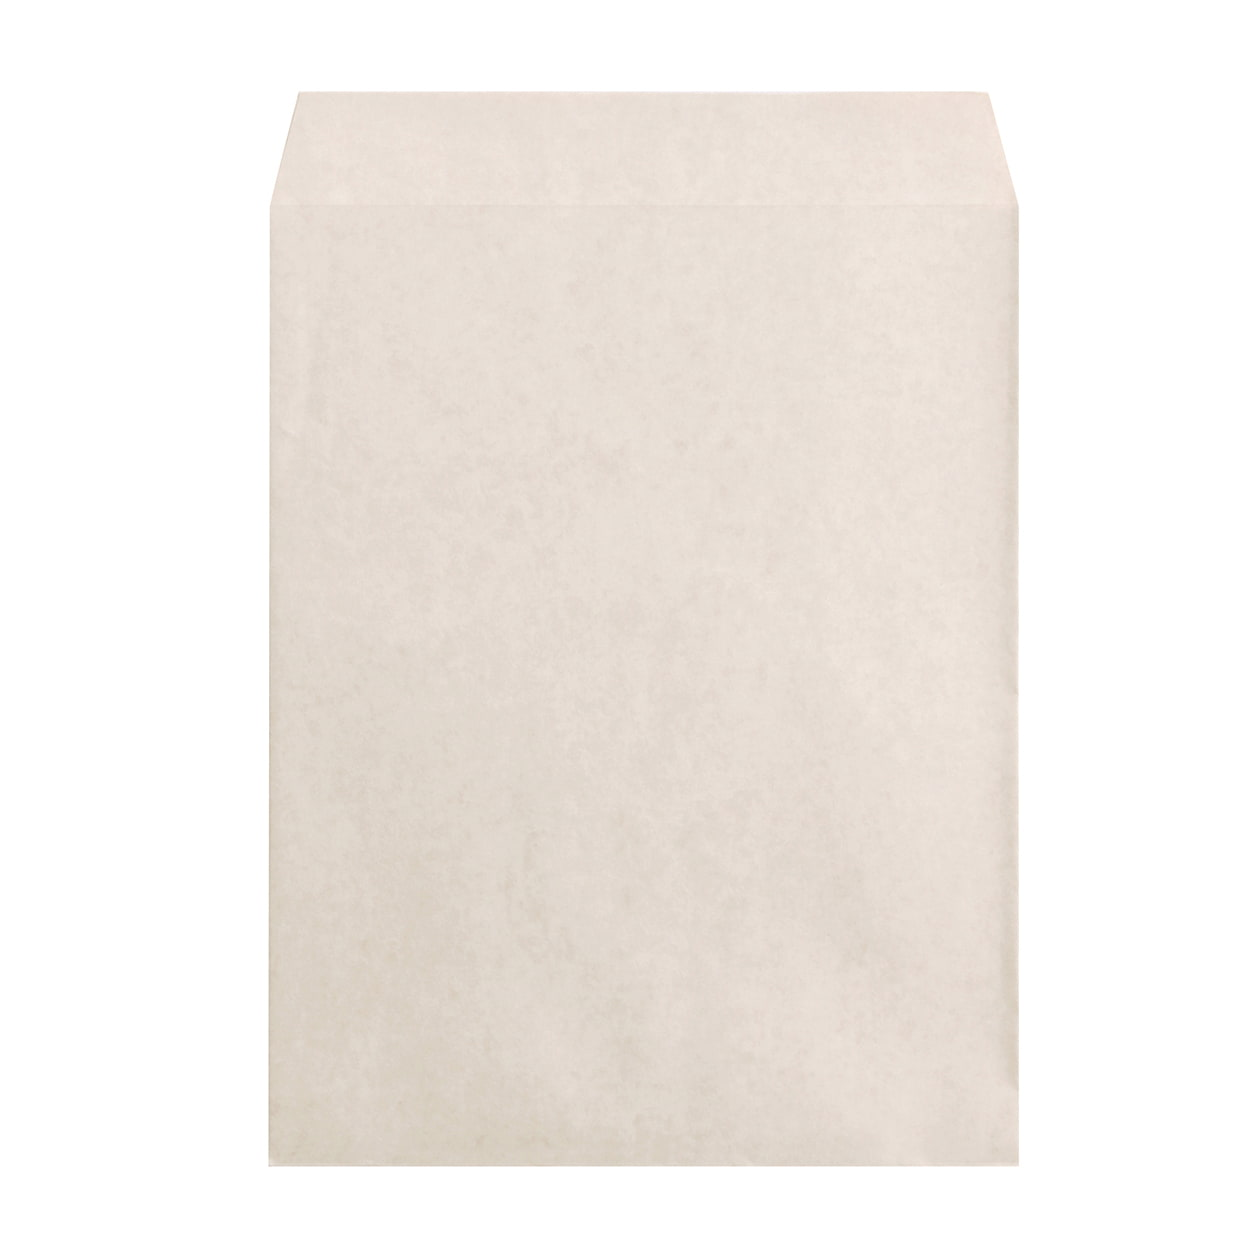 角3封筒 ホワイトクラフト 100g